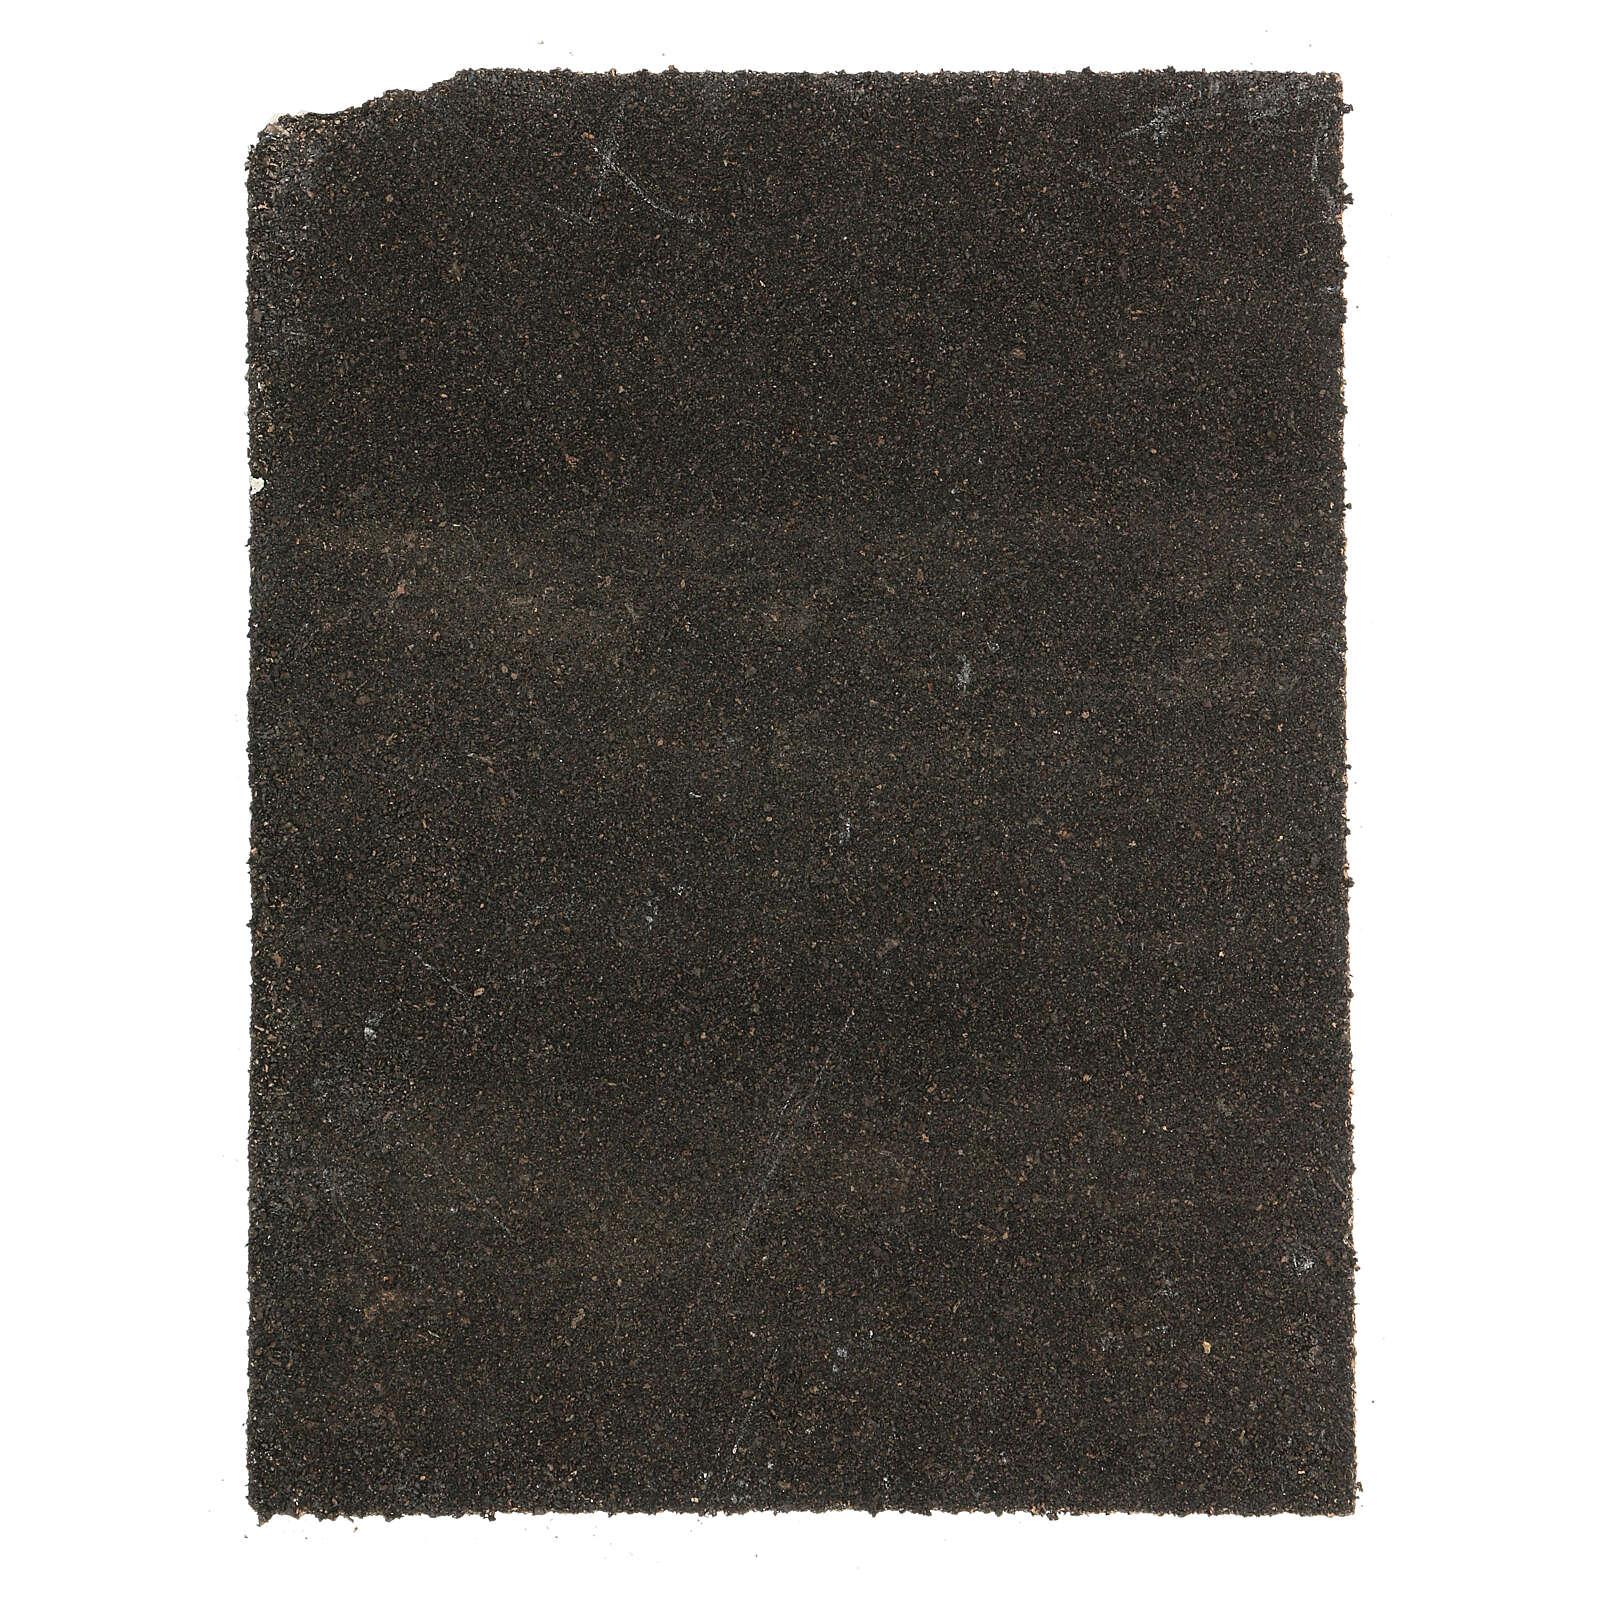 Panel corcho adoquinado blanco belén 35x25 cm 4